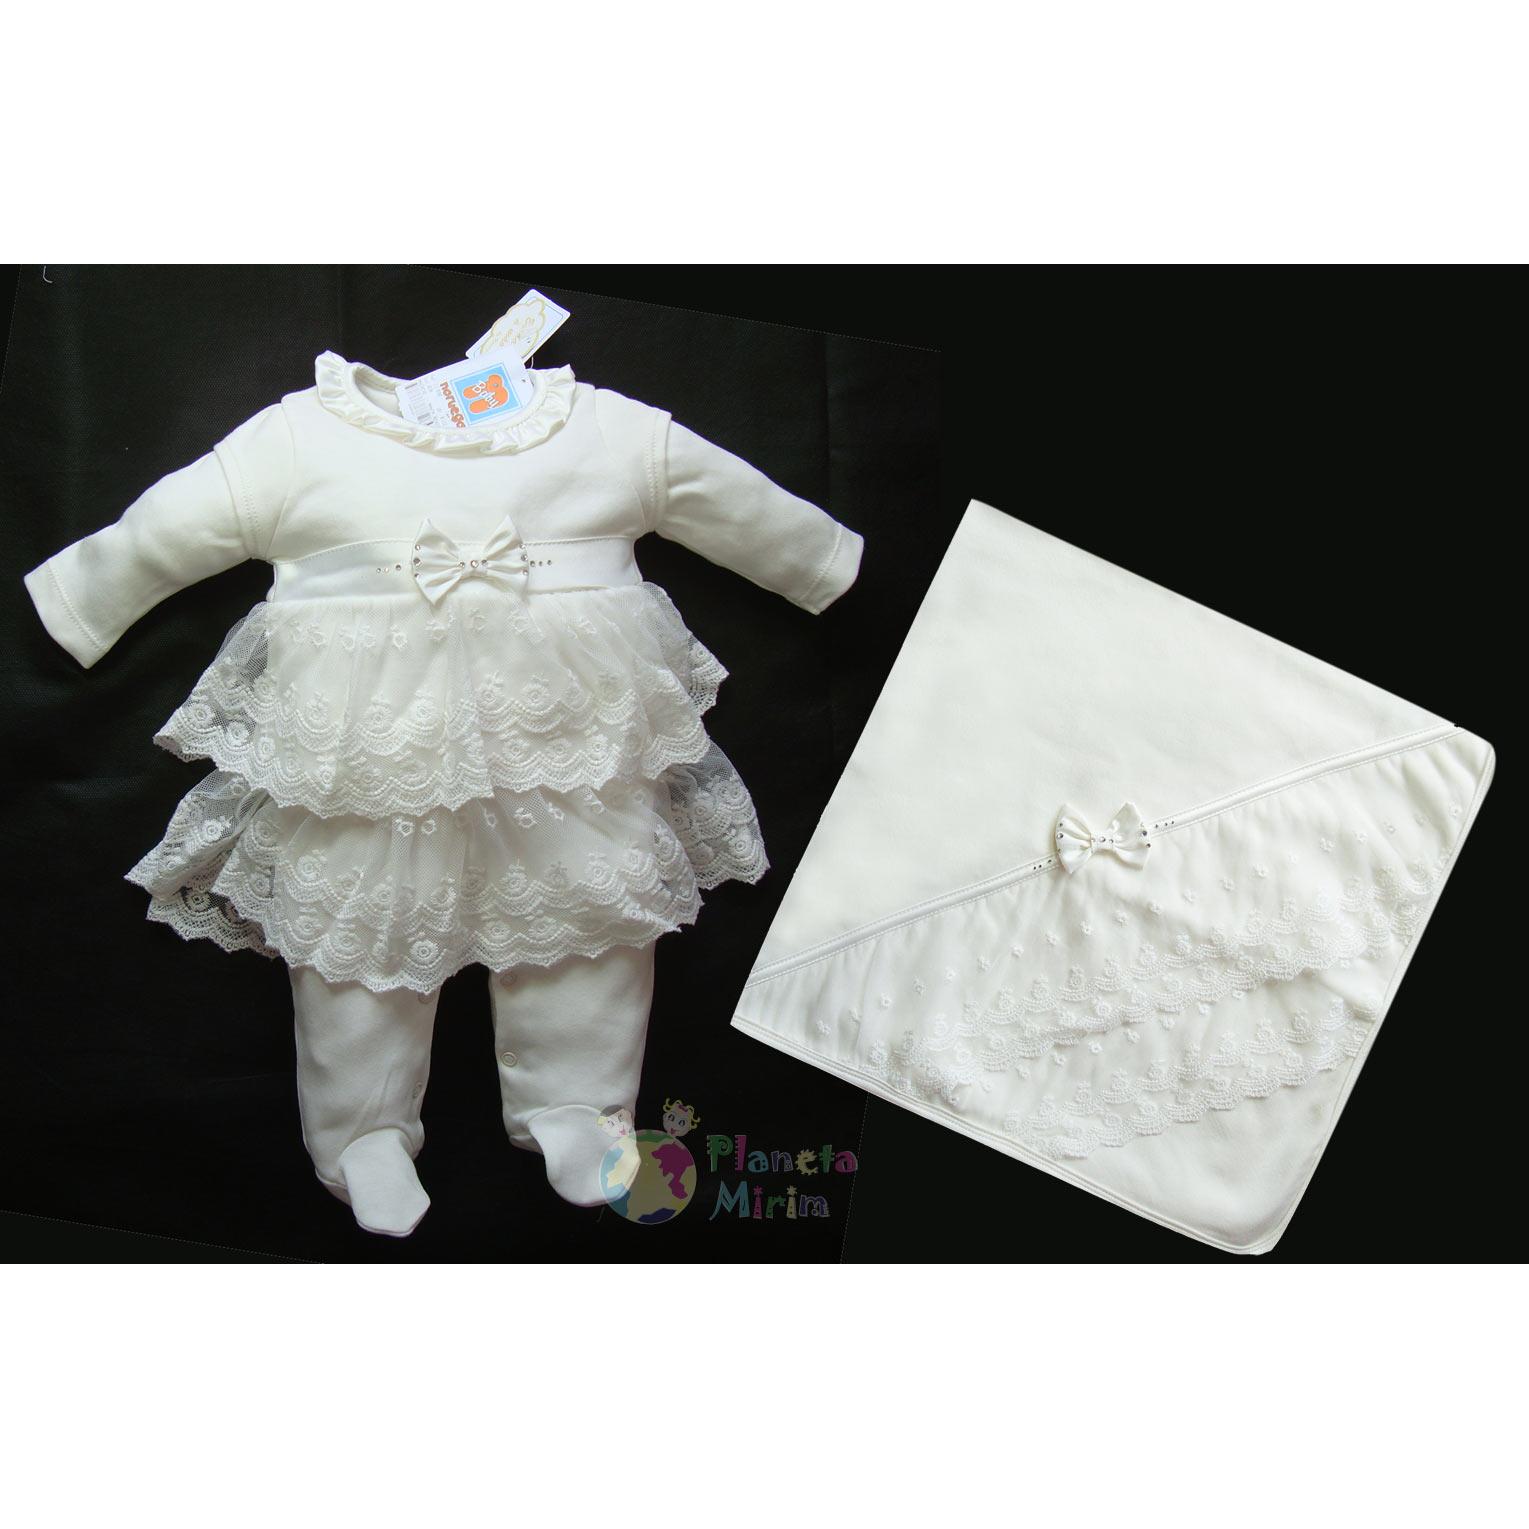 Saída de Maternidade para bebês meninas na loja virtual de roupas para bebê Planeta Mirim